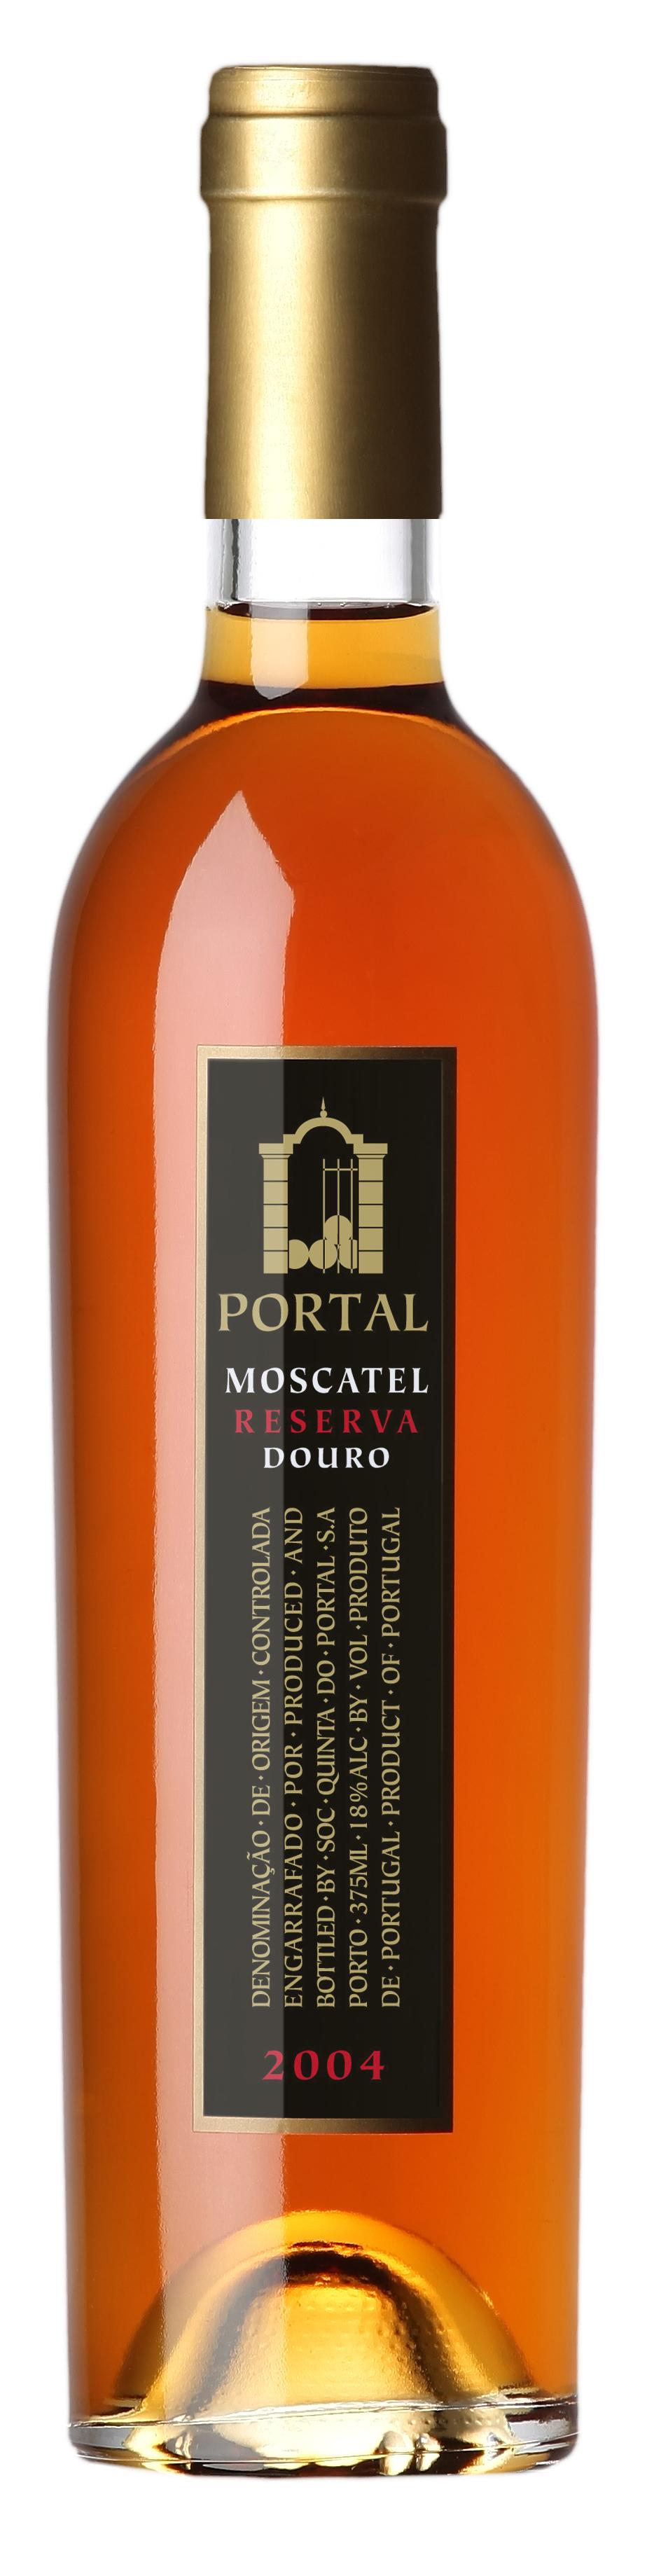 Portal Moscatel Reserva